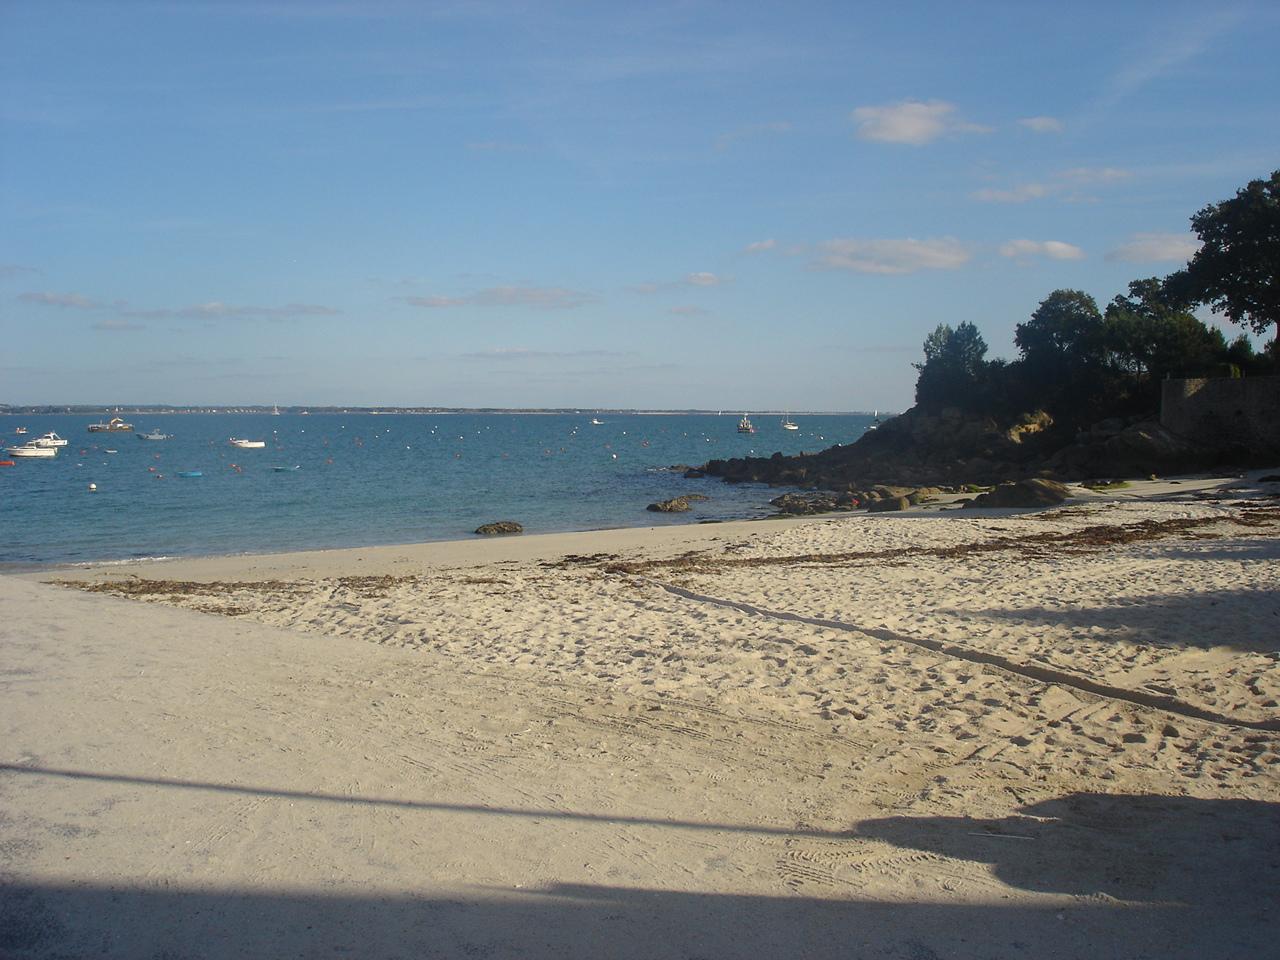 Ferienhaus Bretagne Strand in der Bretagne,Beg Meil, ideal zur Entspannung und Erholung